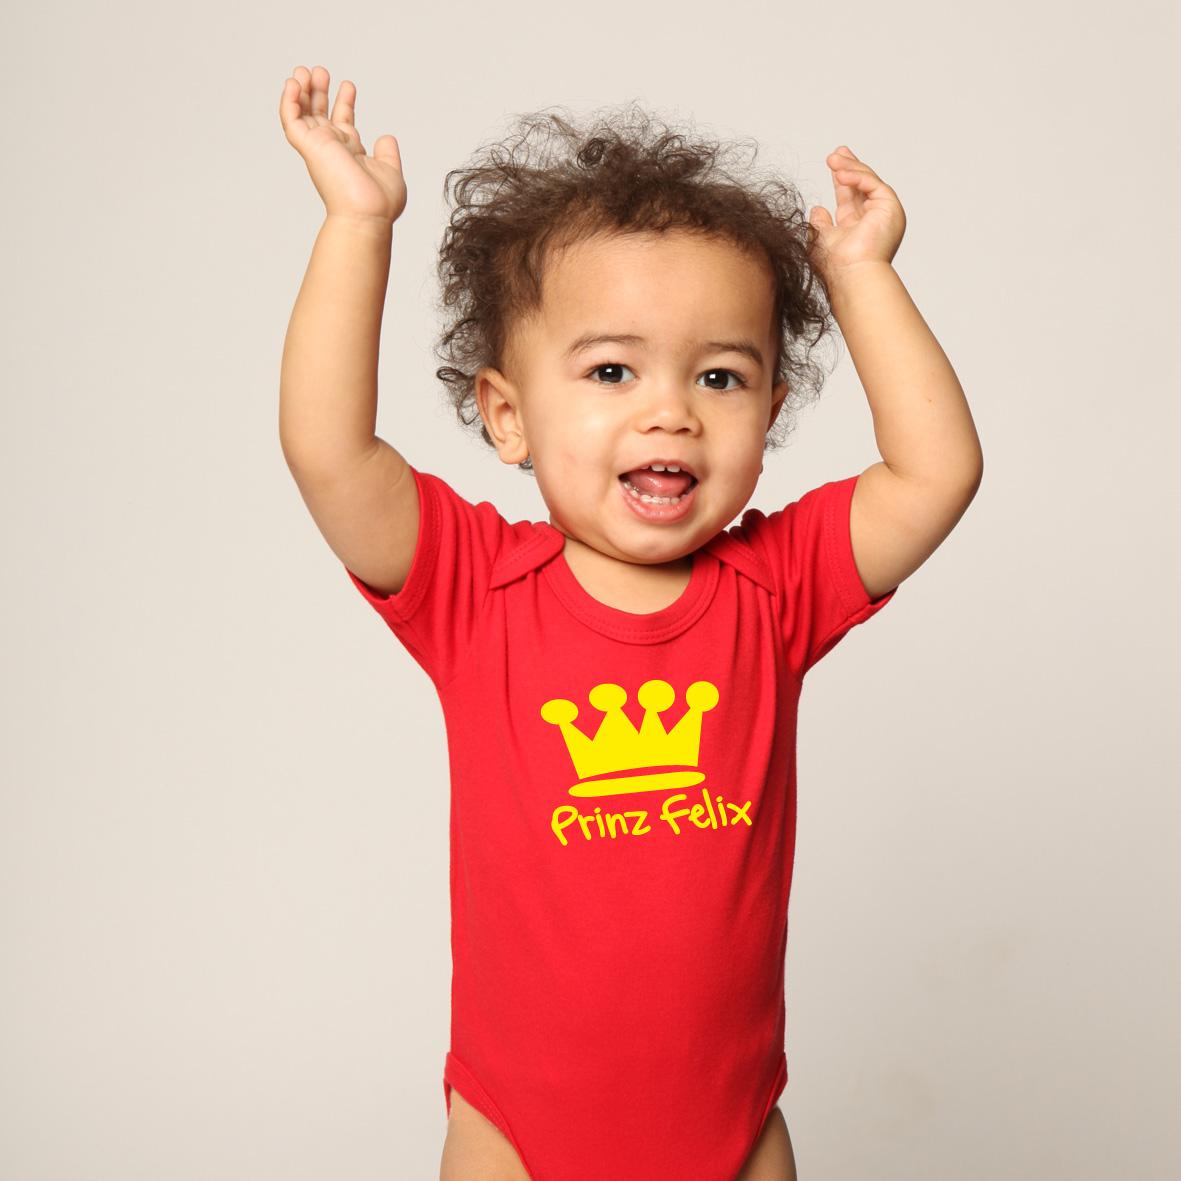 Baby Kleidung gestalten